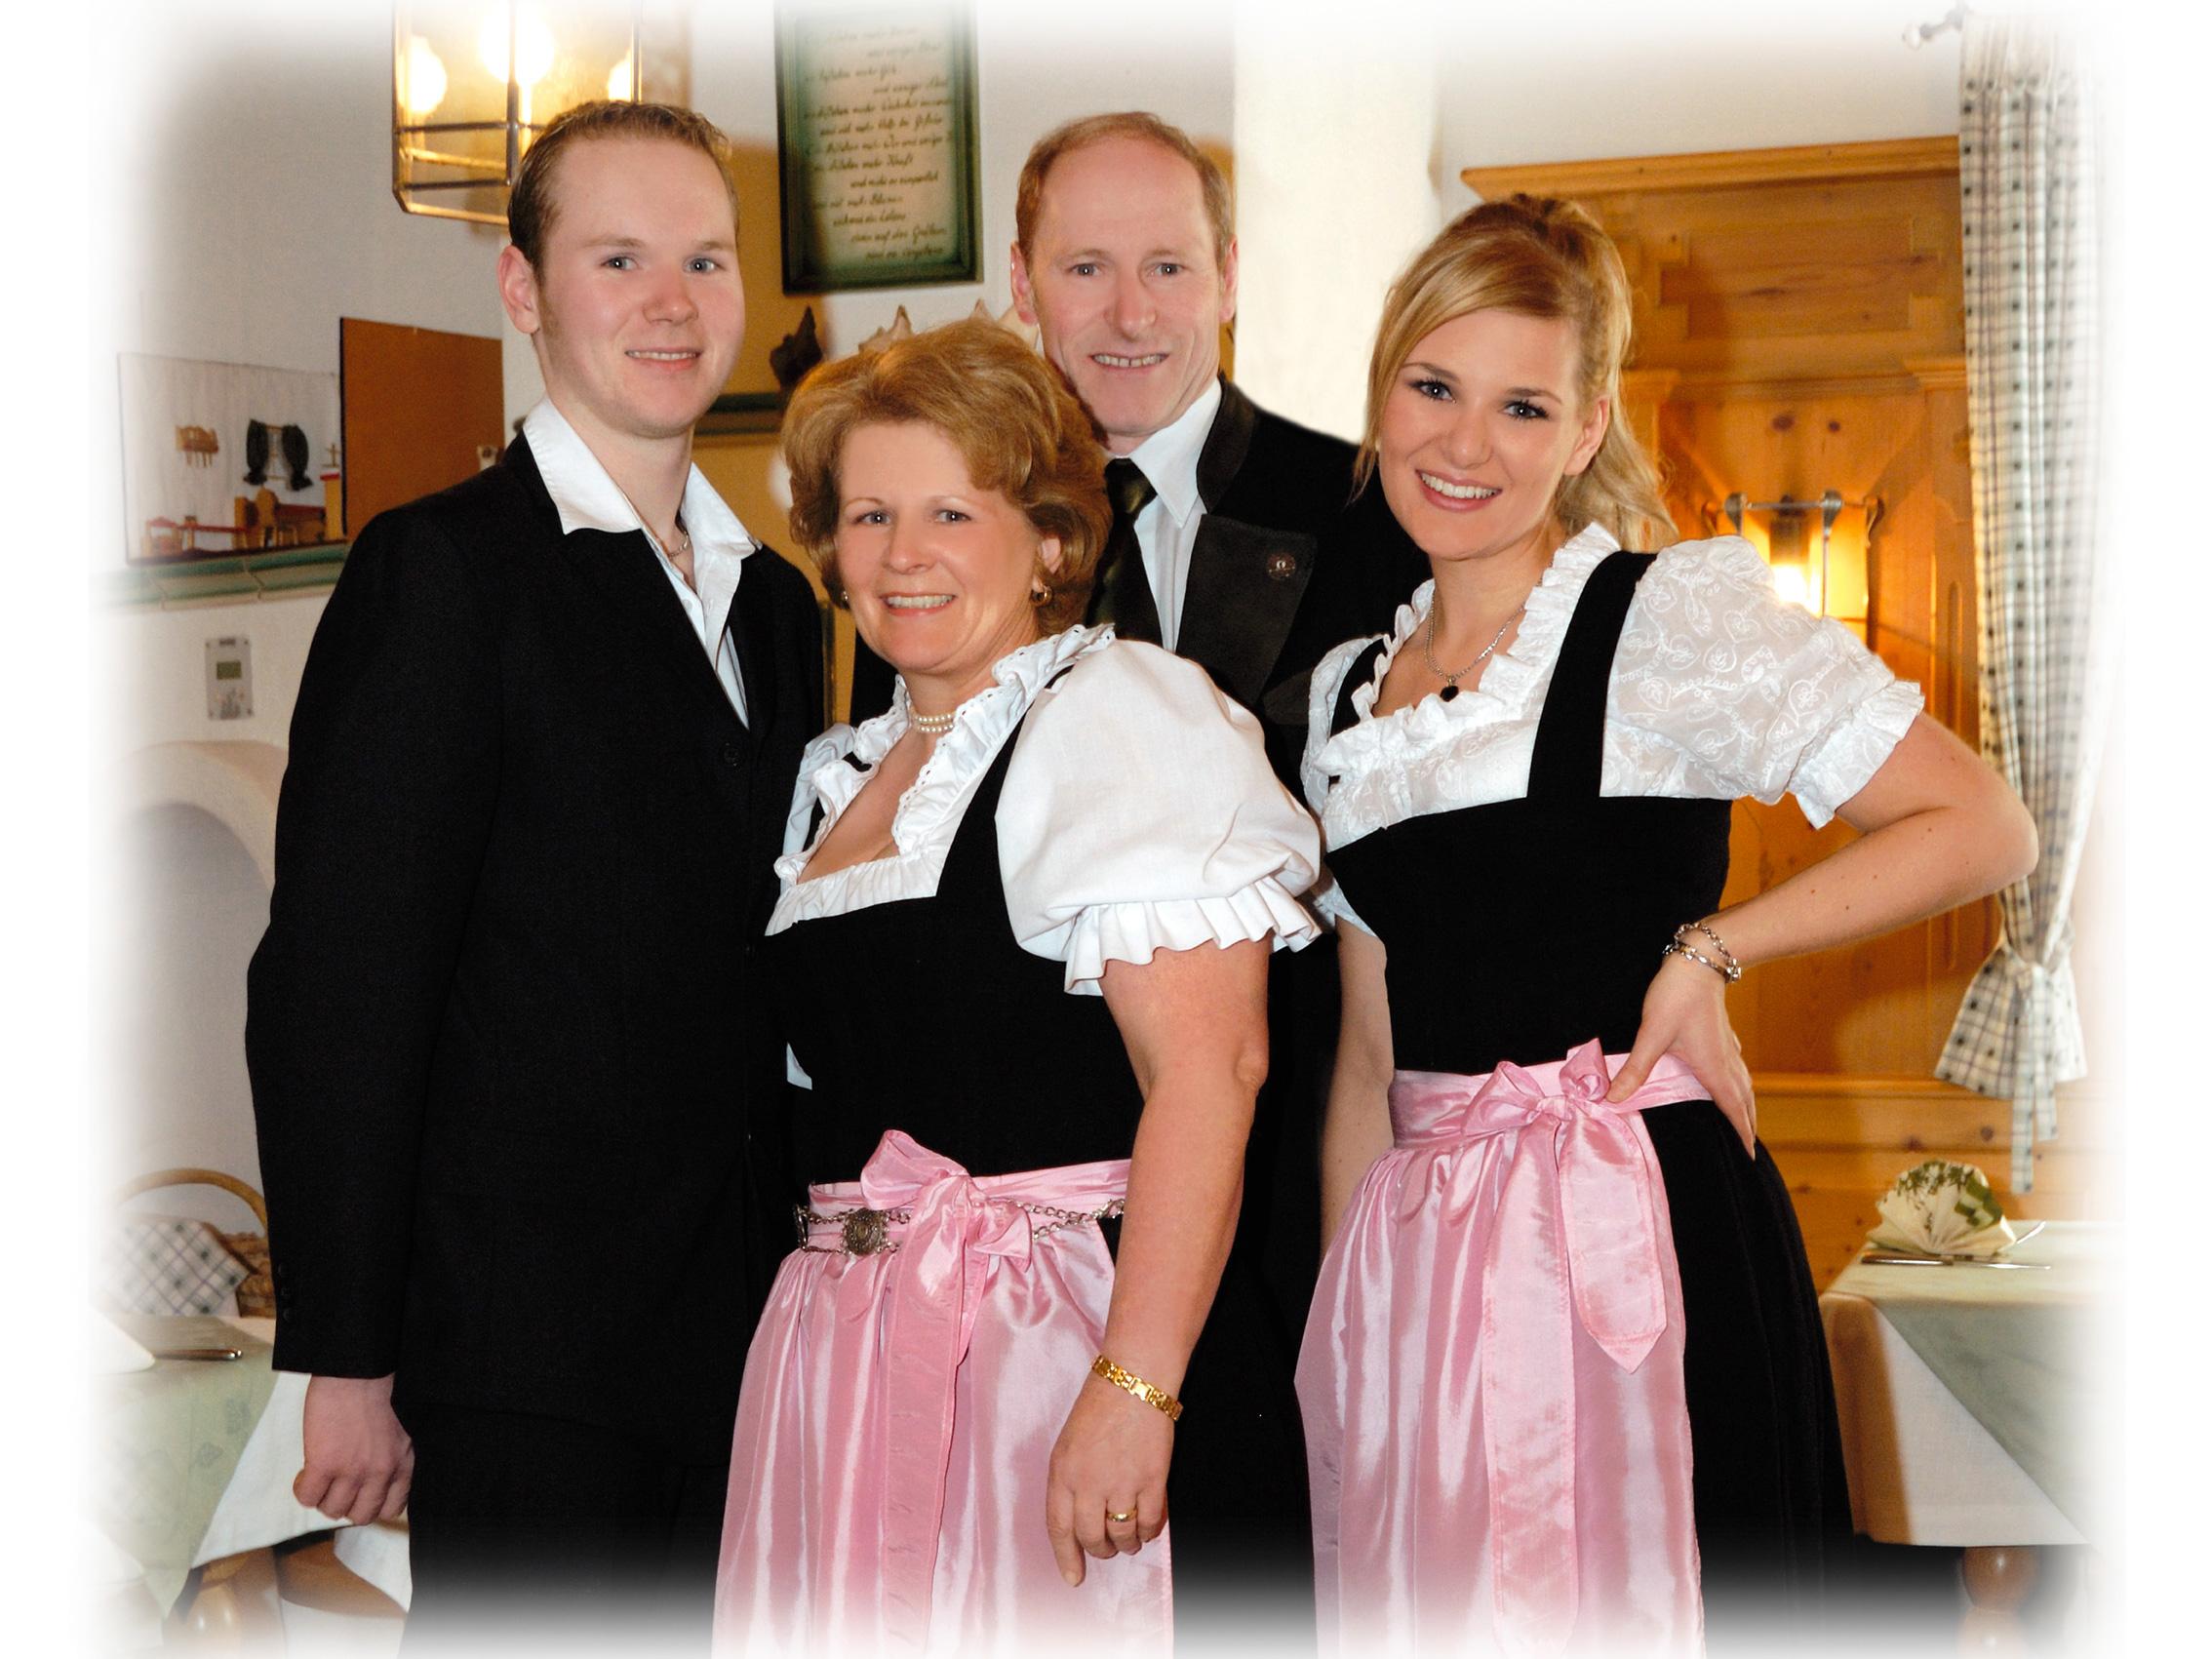 Familienbild-mit-Rand-weiß_1.jpg